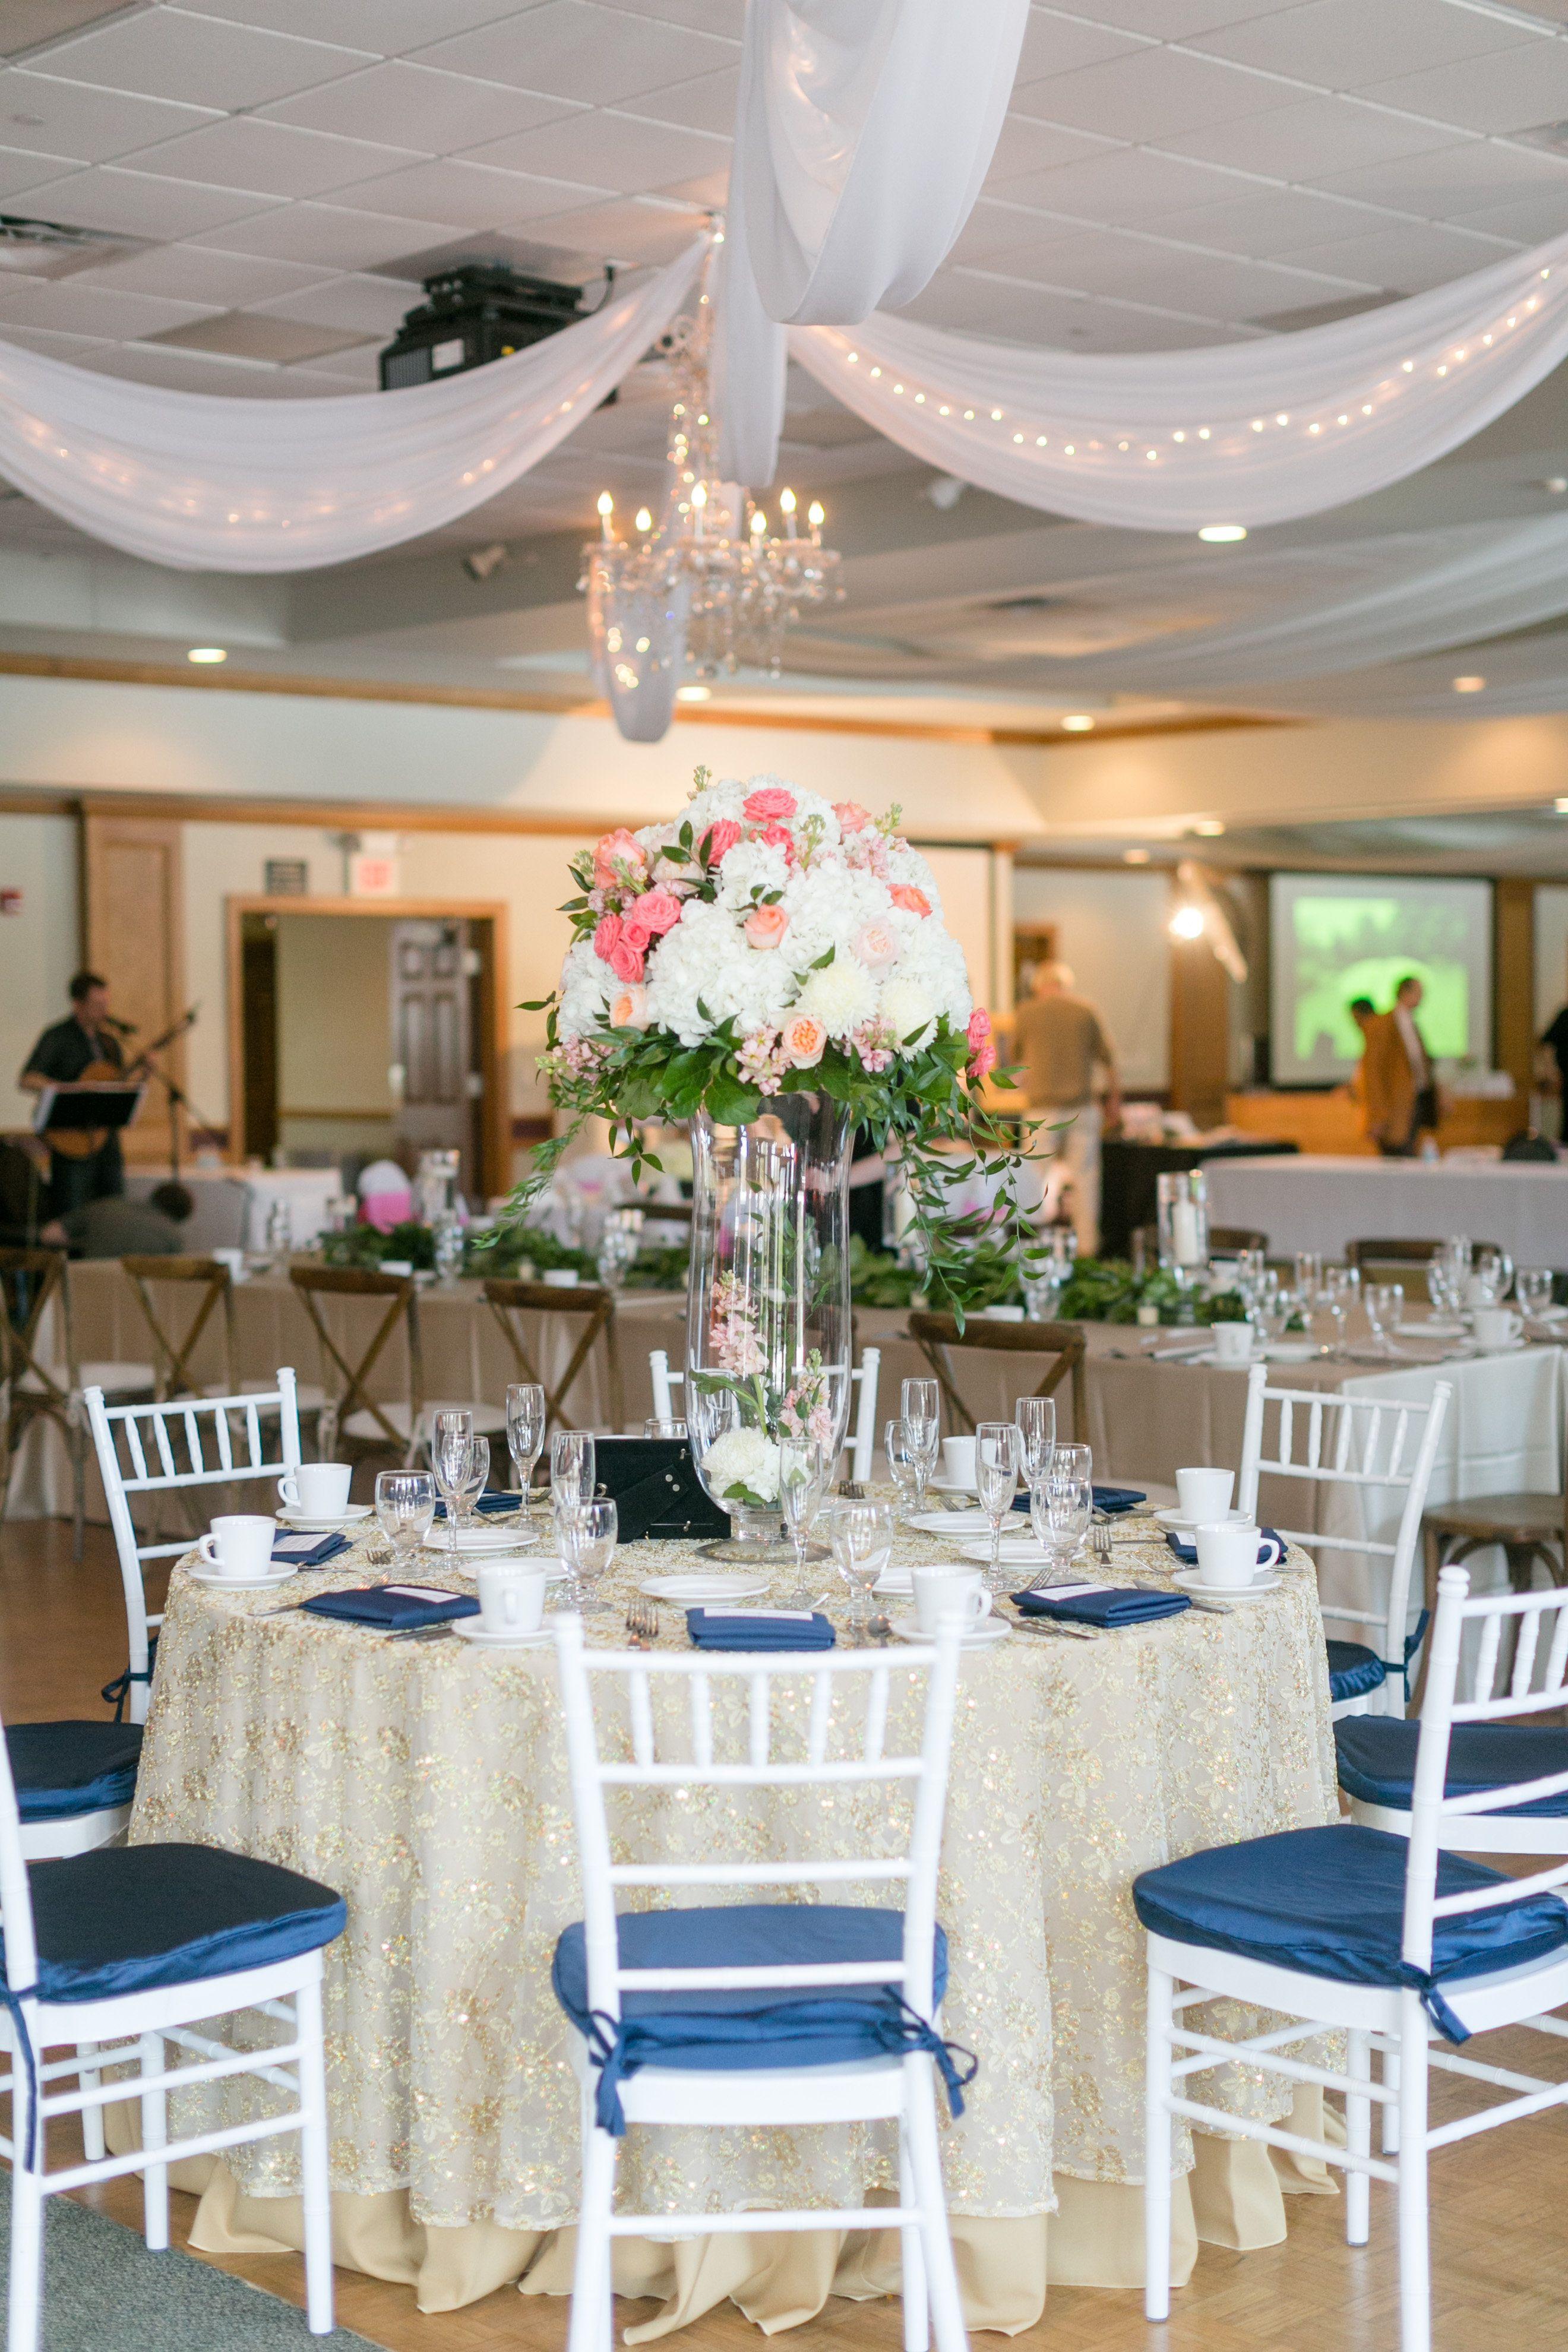 4662bed1d2fef7746935d2d907950d29 - Hotels Near Florian Gardens Eau Claire Wi